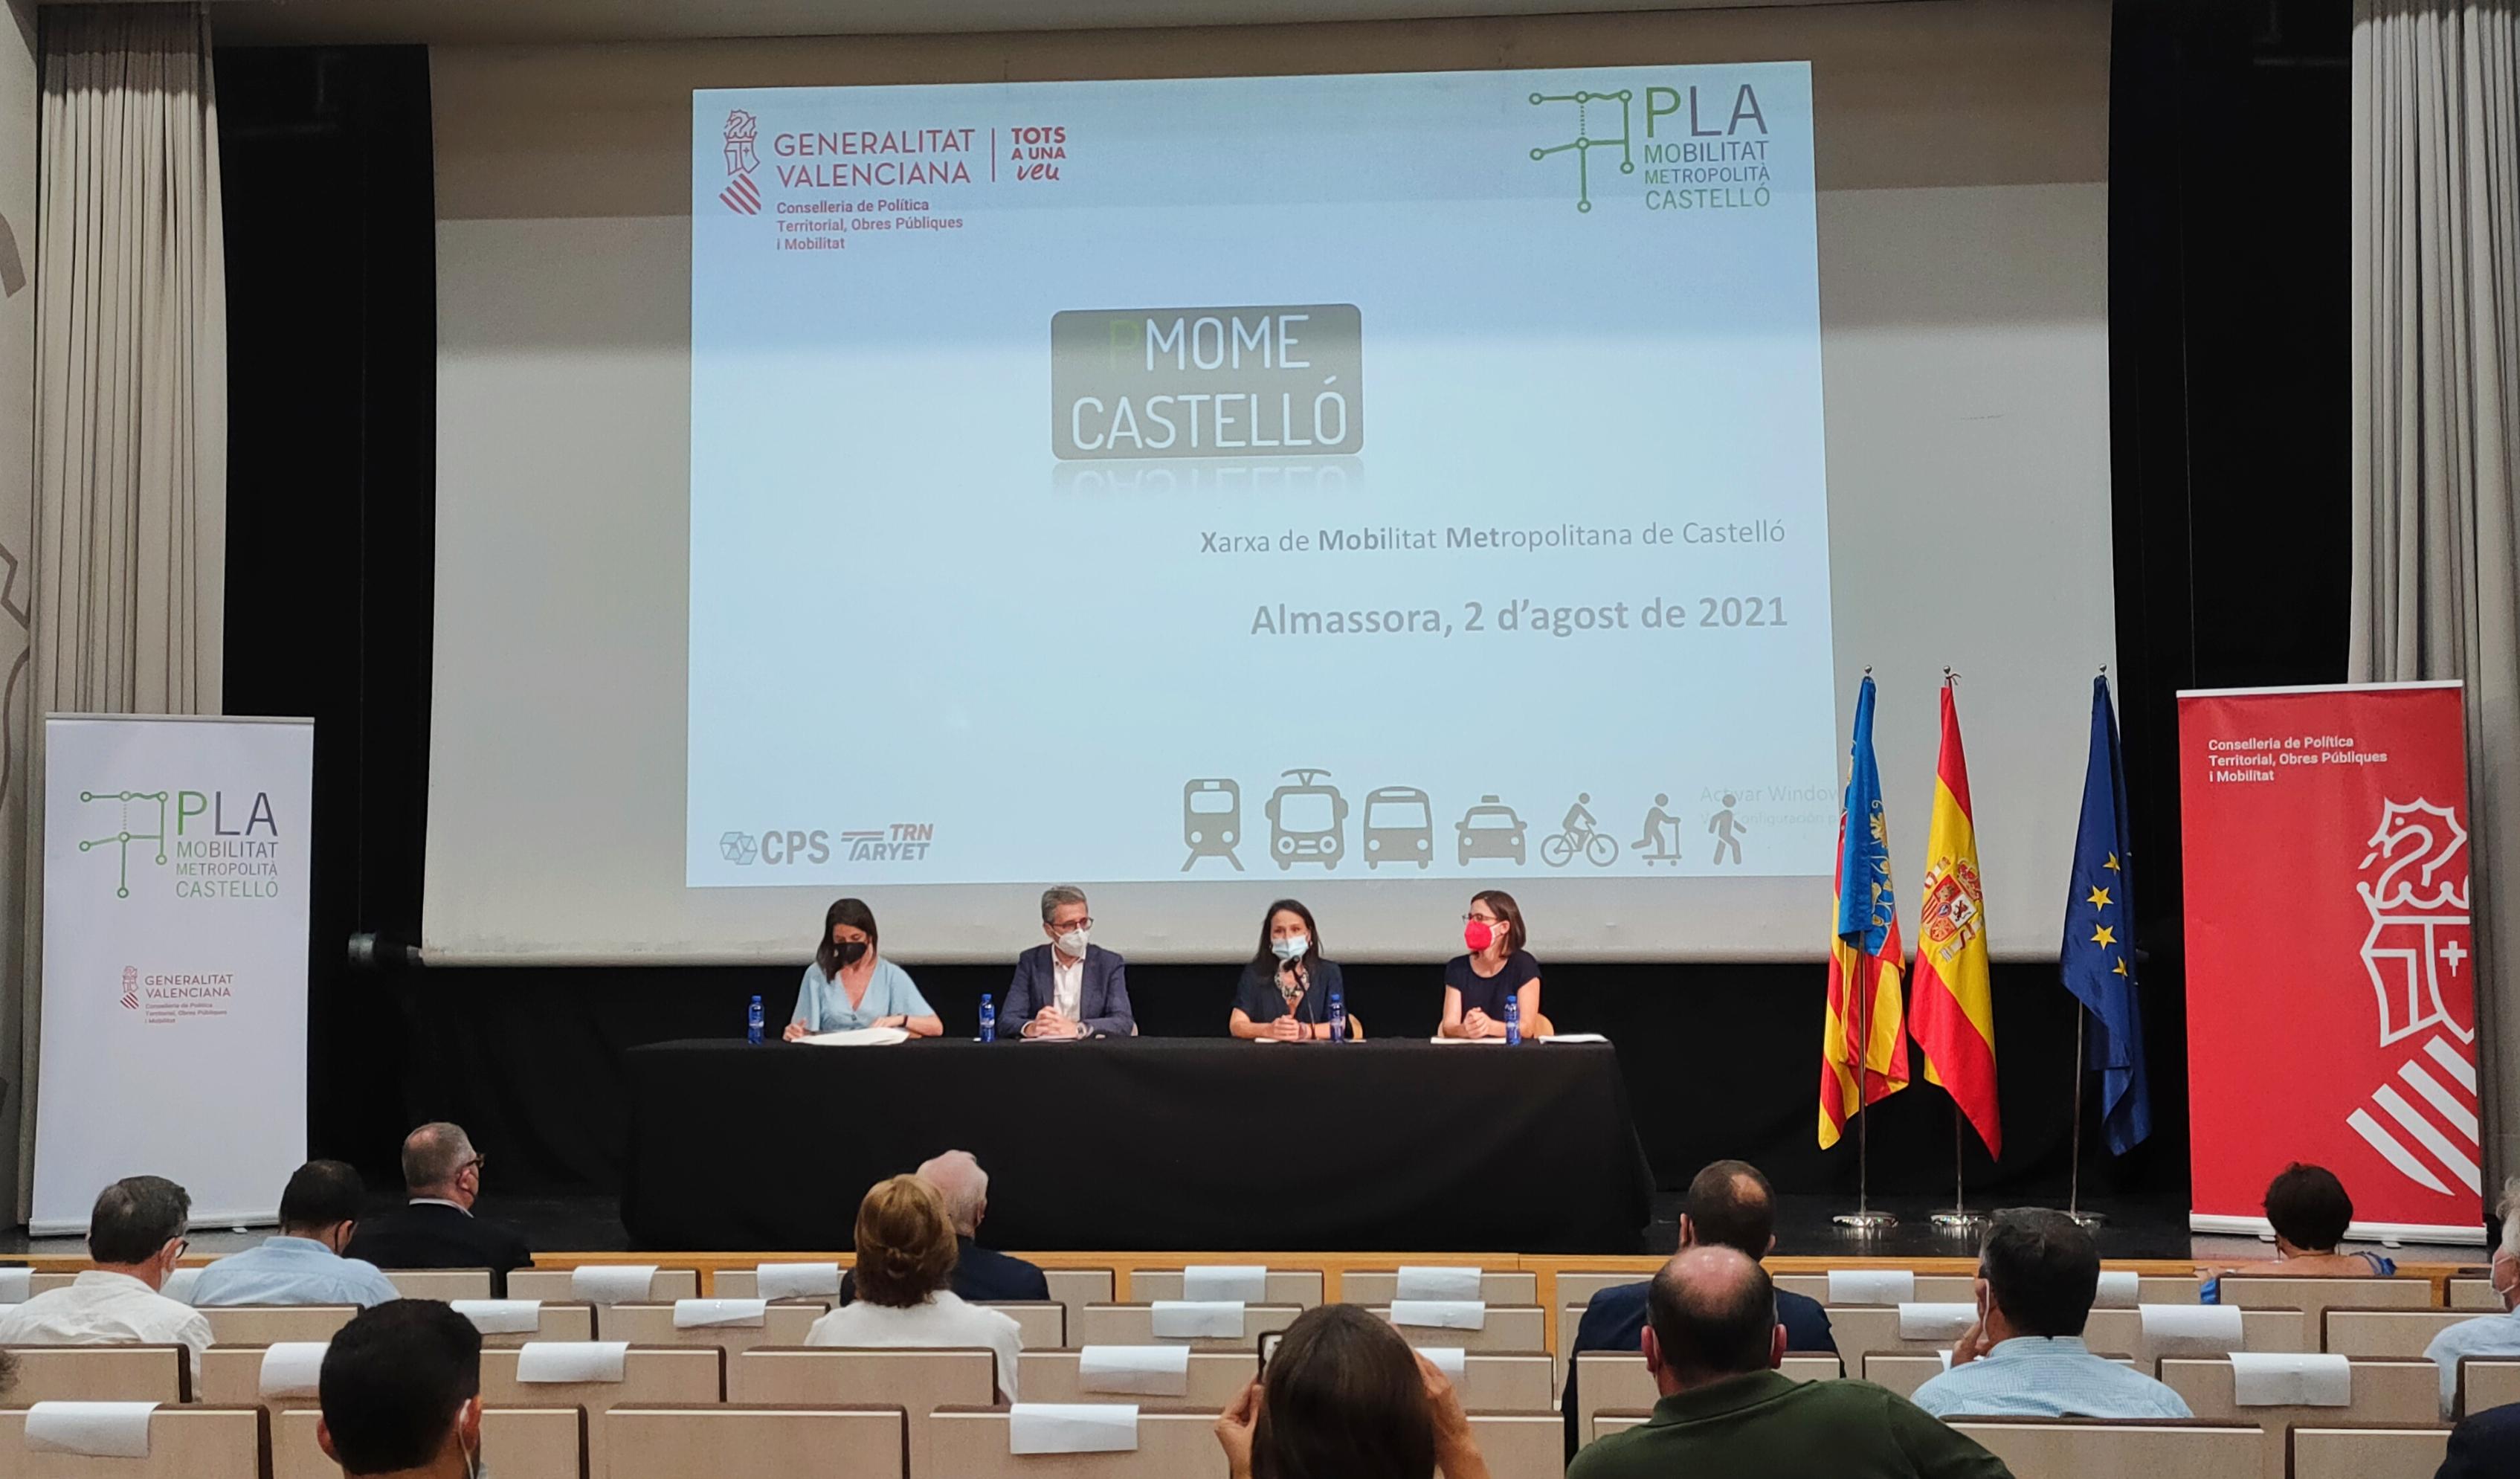 """La Generalitat se compromete a impulsar el Bulevar de la Plana como eje de conexión """"prioritario"""" para una movilidad """"más eficiente y sostenible"""""""